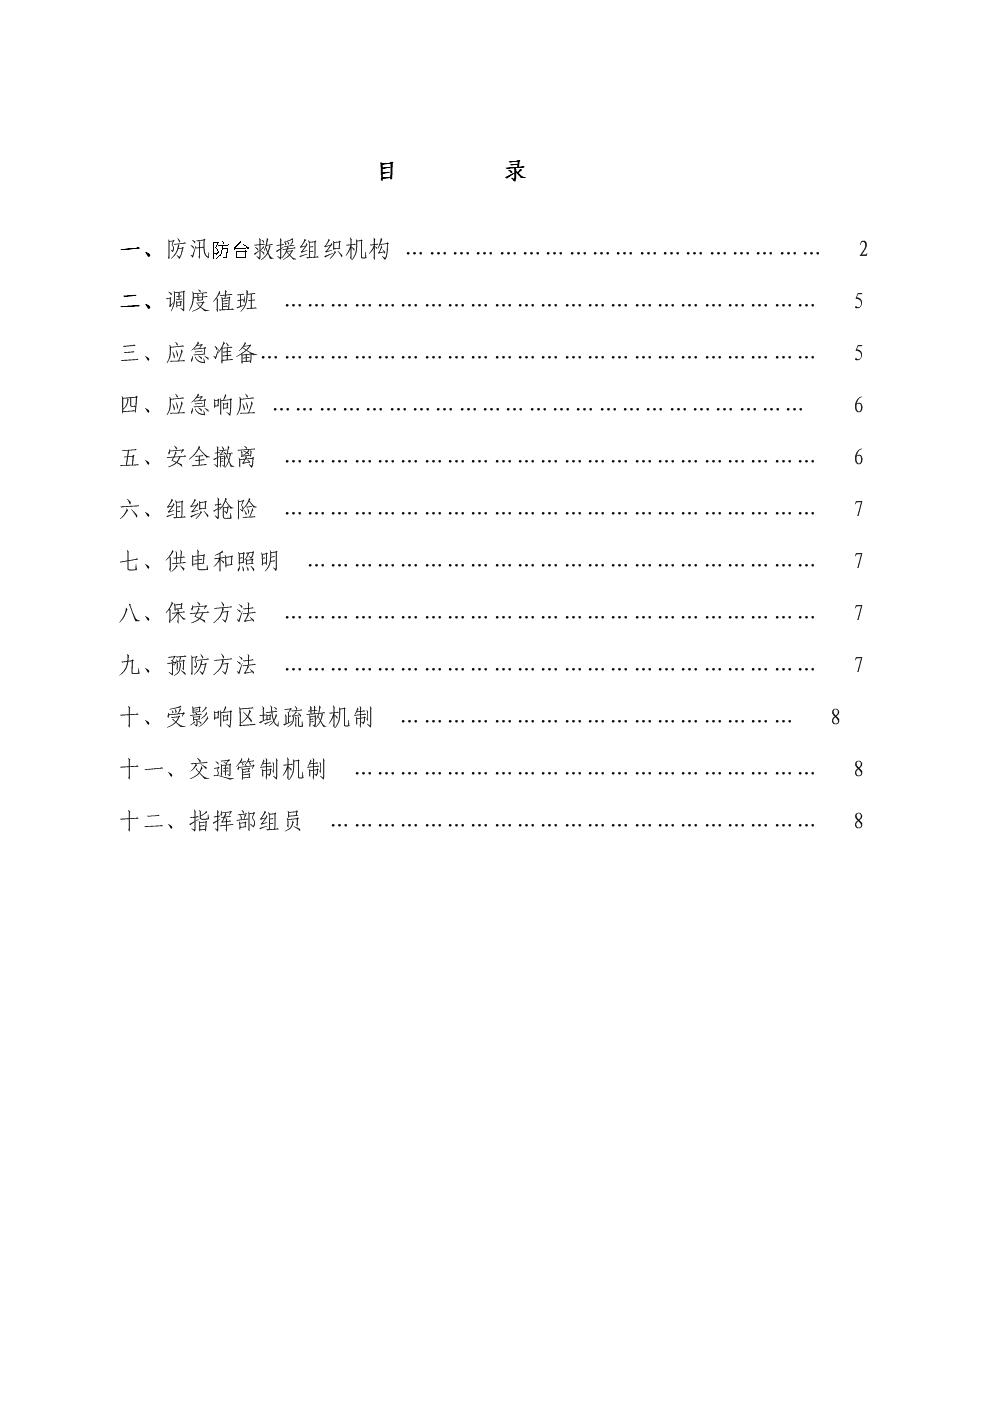 防汛防台风应急专项预案.doc